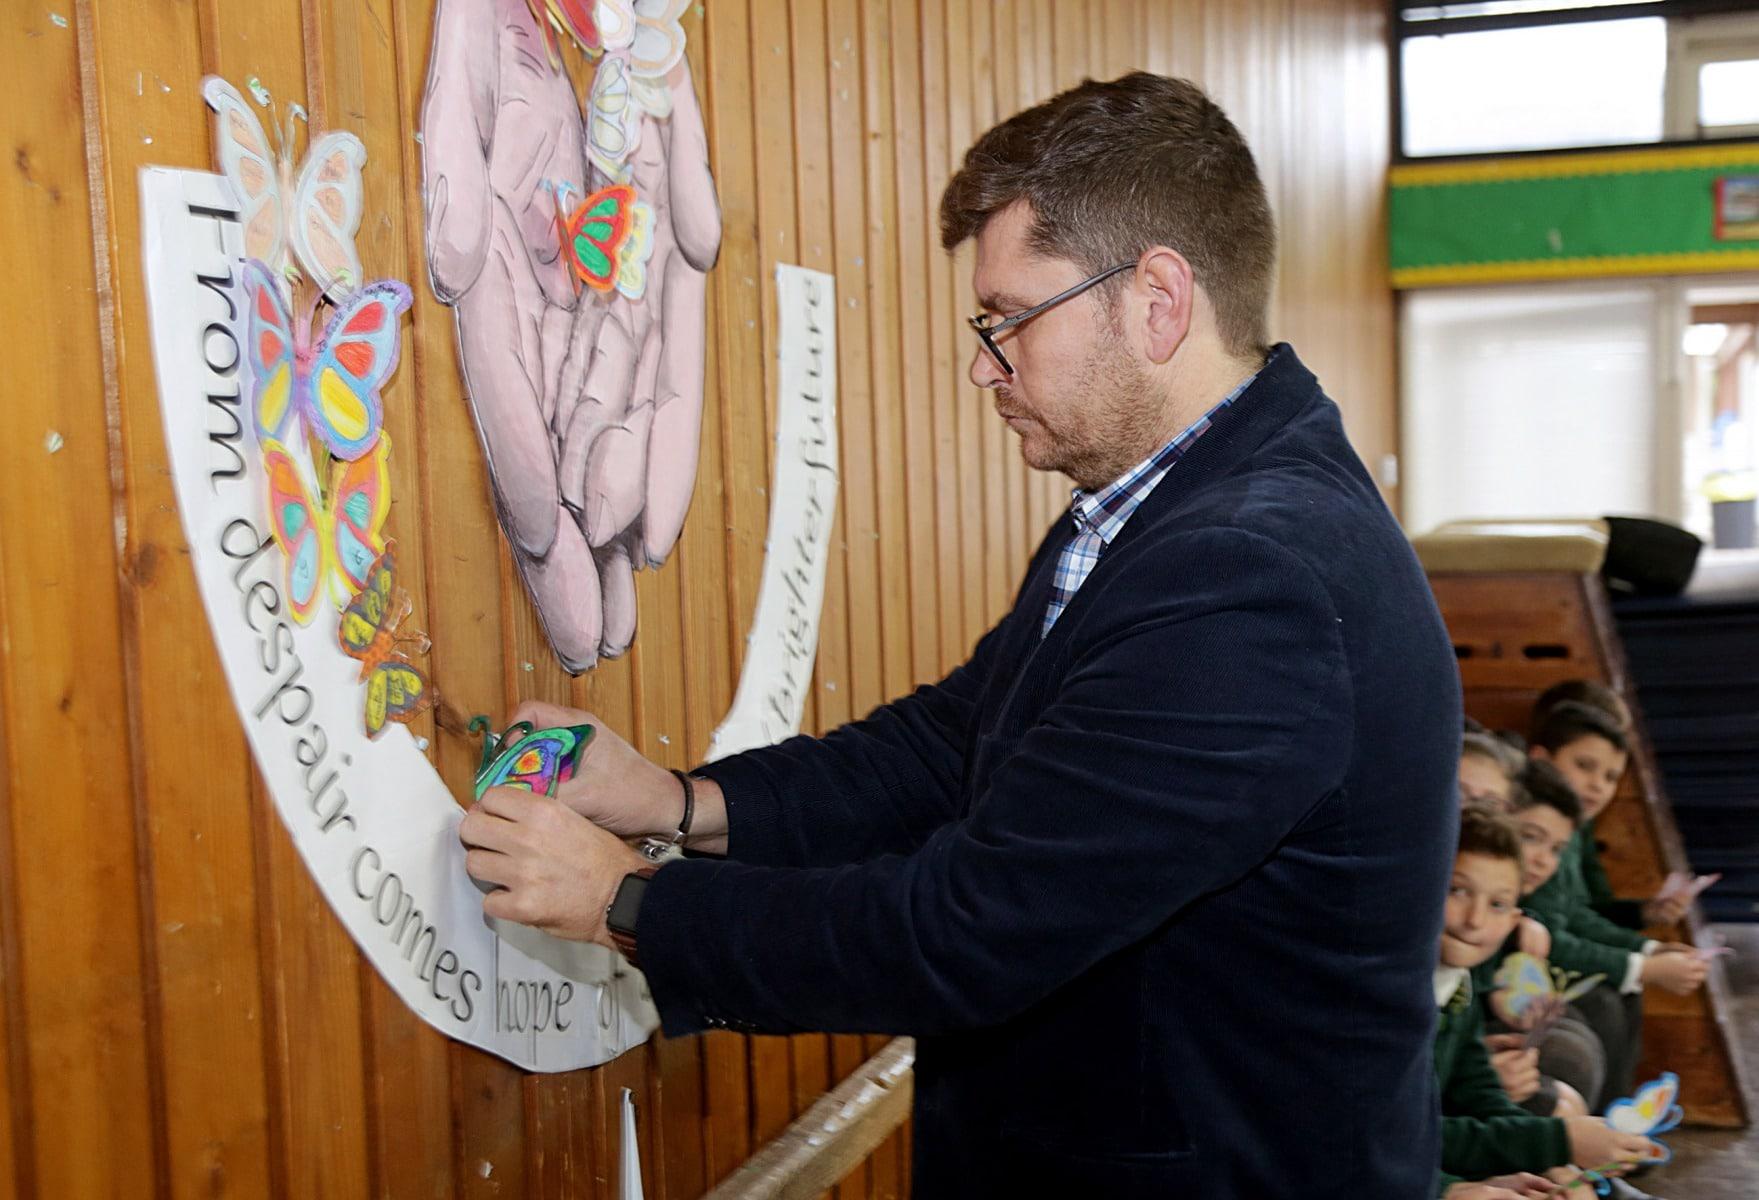 27-ene-17-alumnos-de-la-escuela-obispo-fitzgerald-de-gibraltar-conmemoran-el-holocausto_31742373783_o